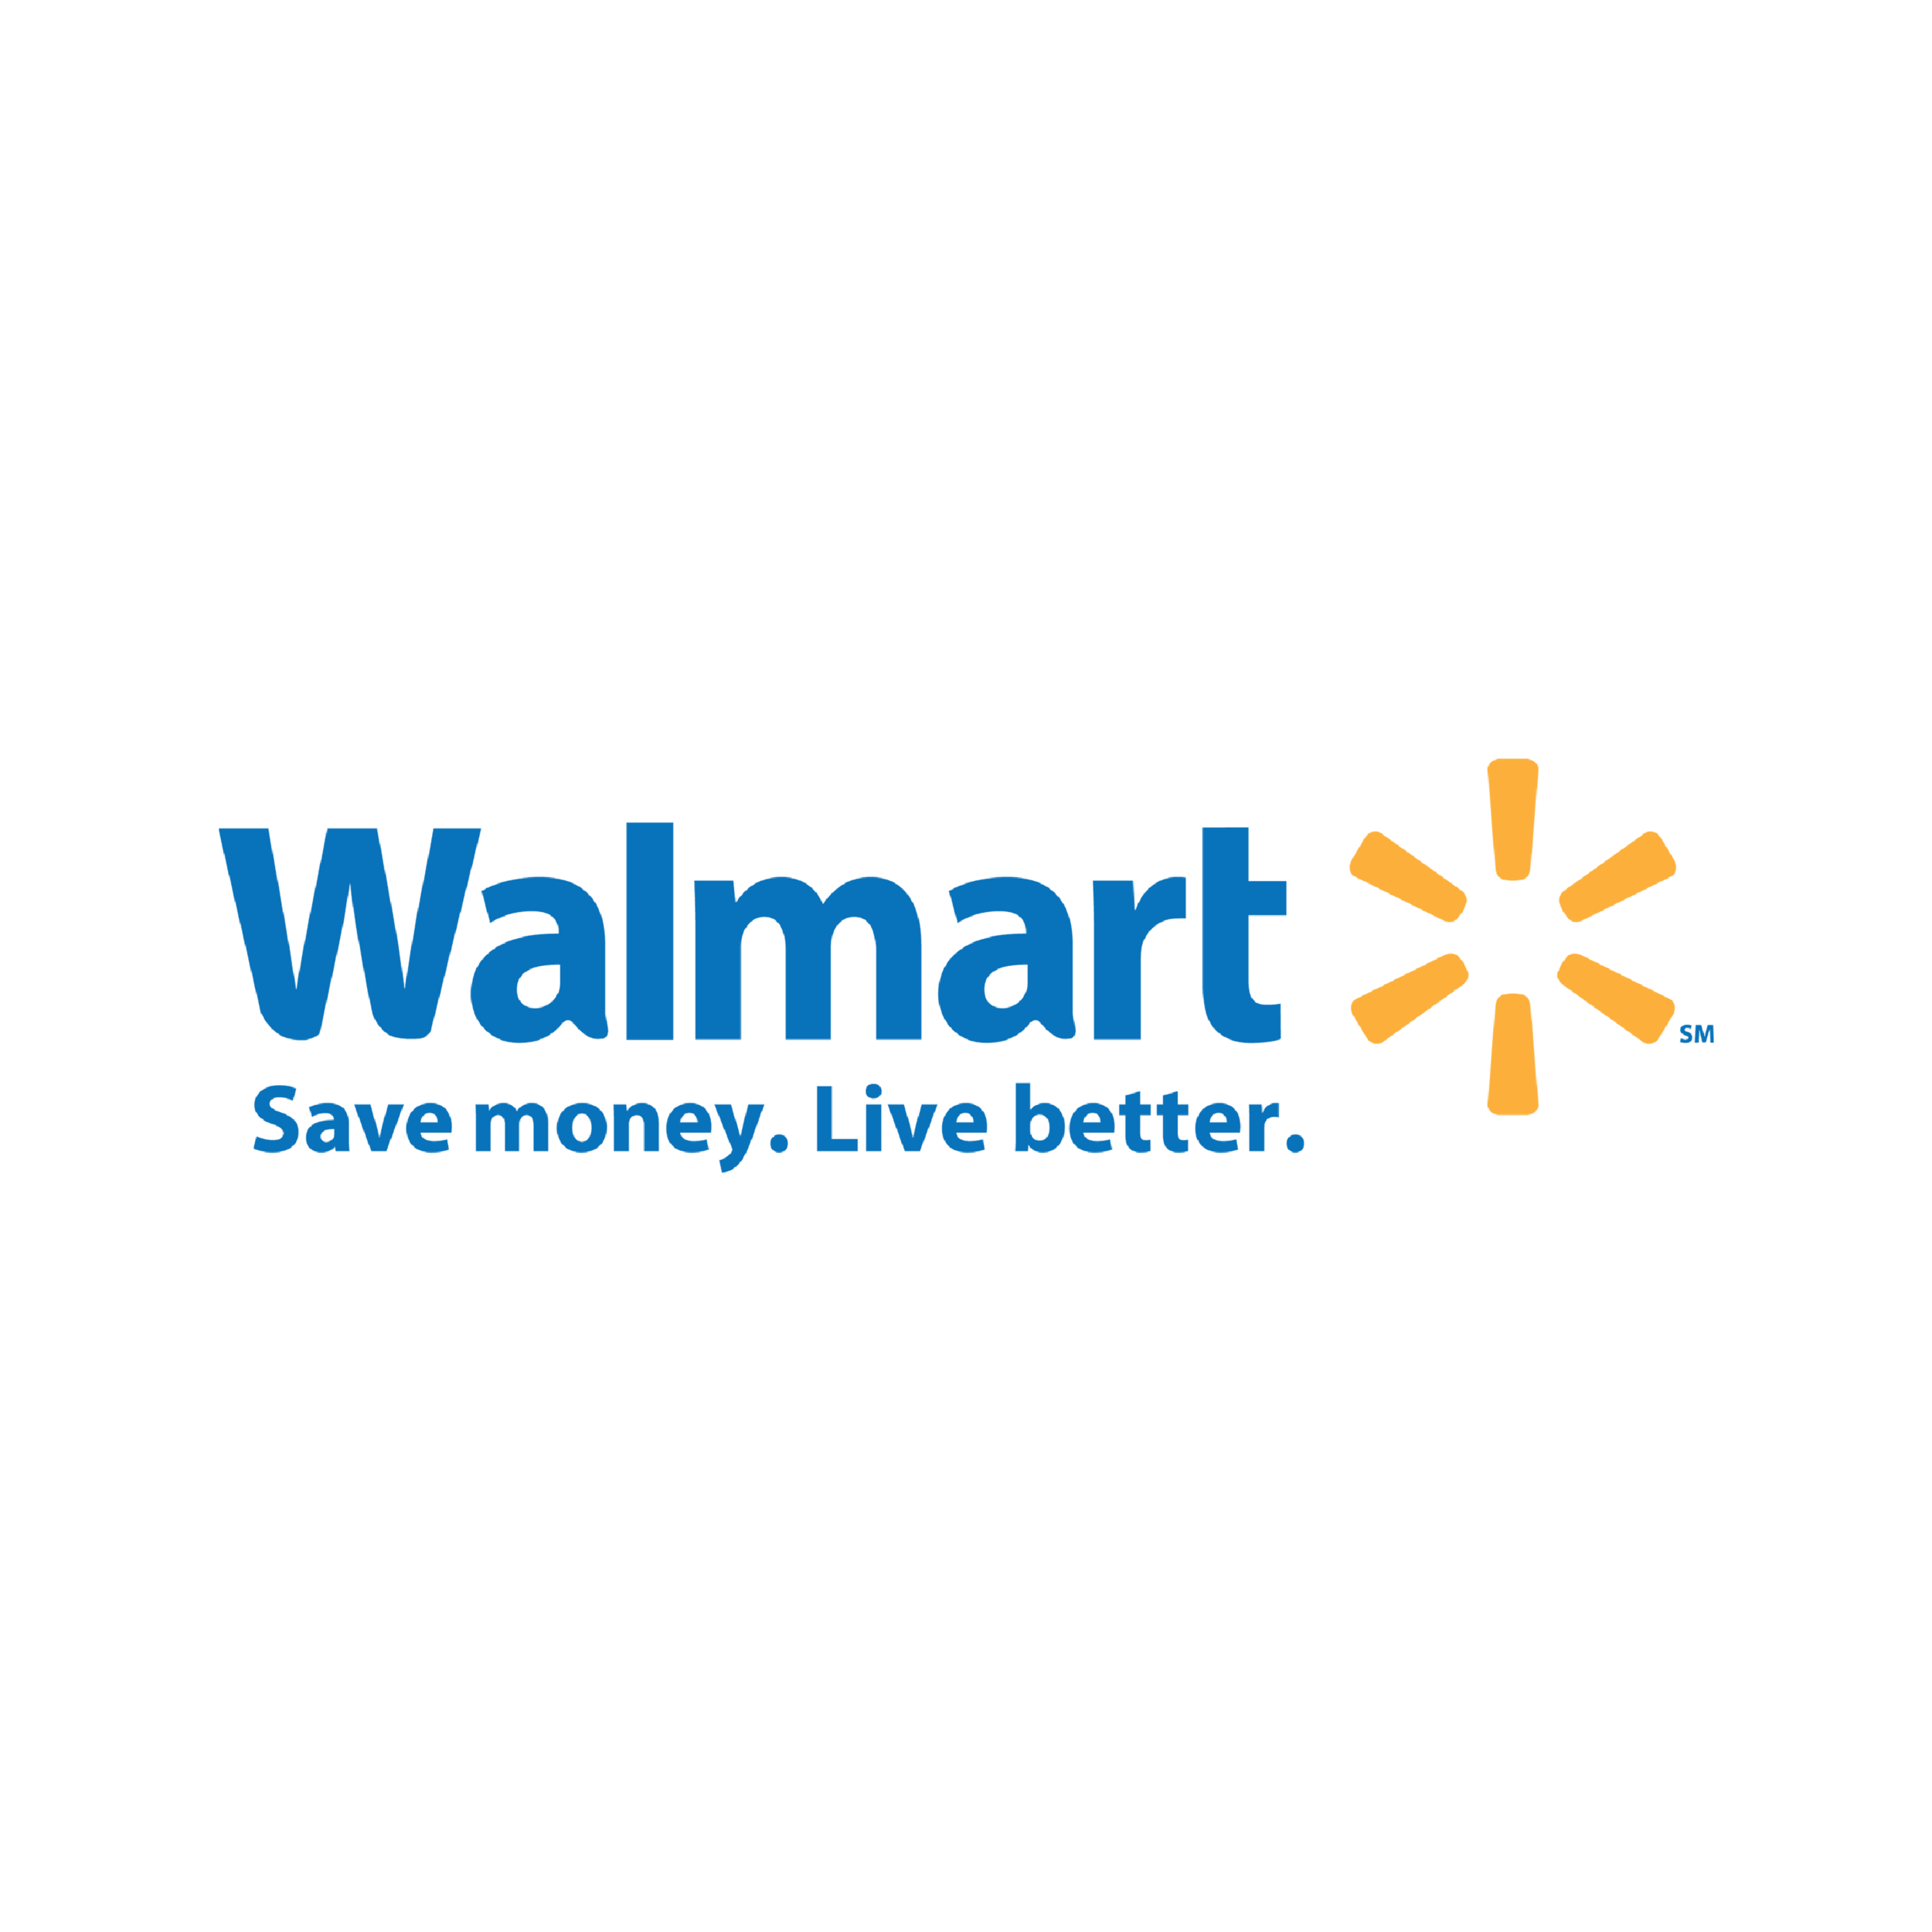 Walmart-01.png